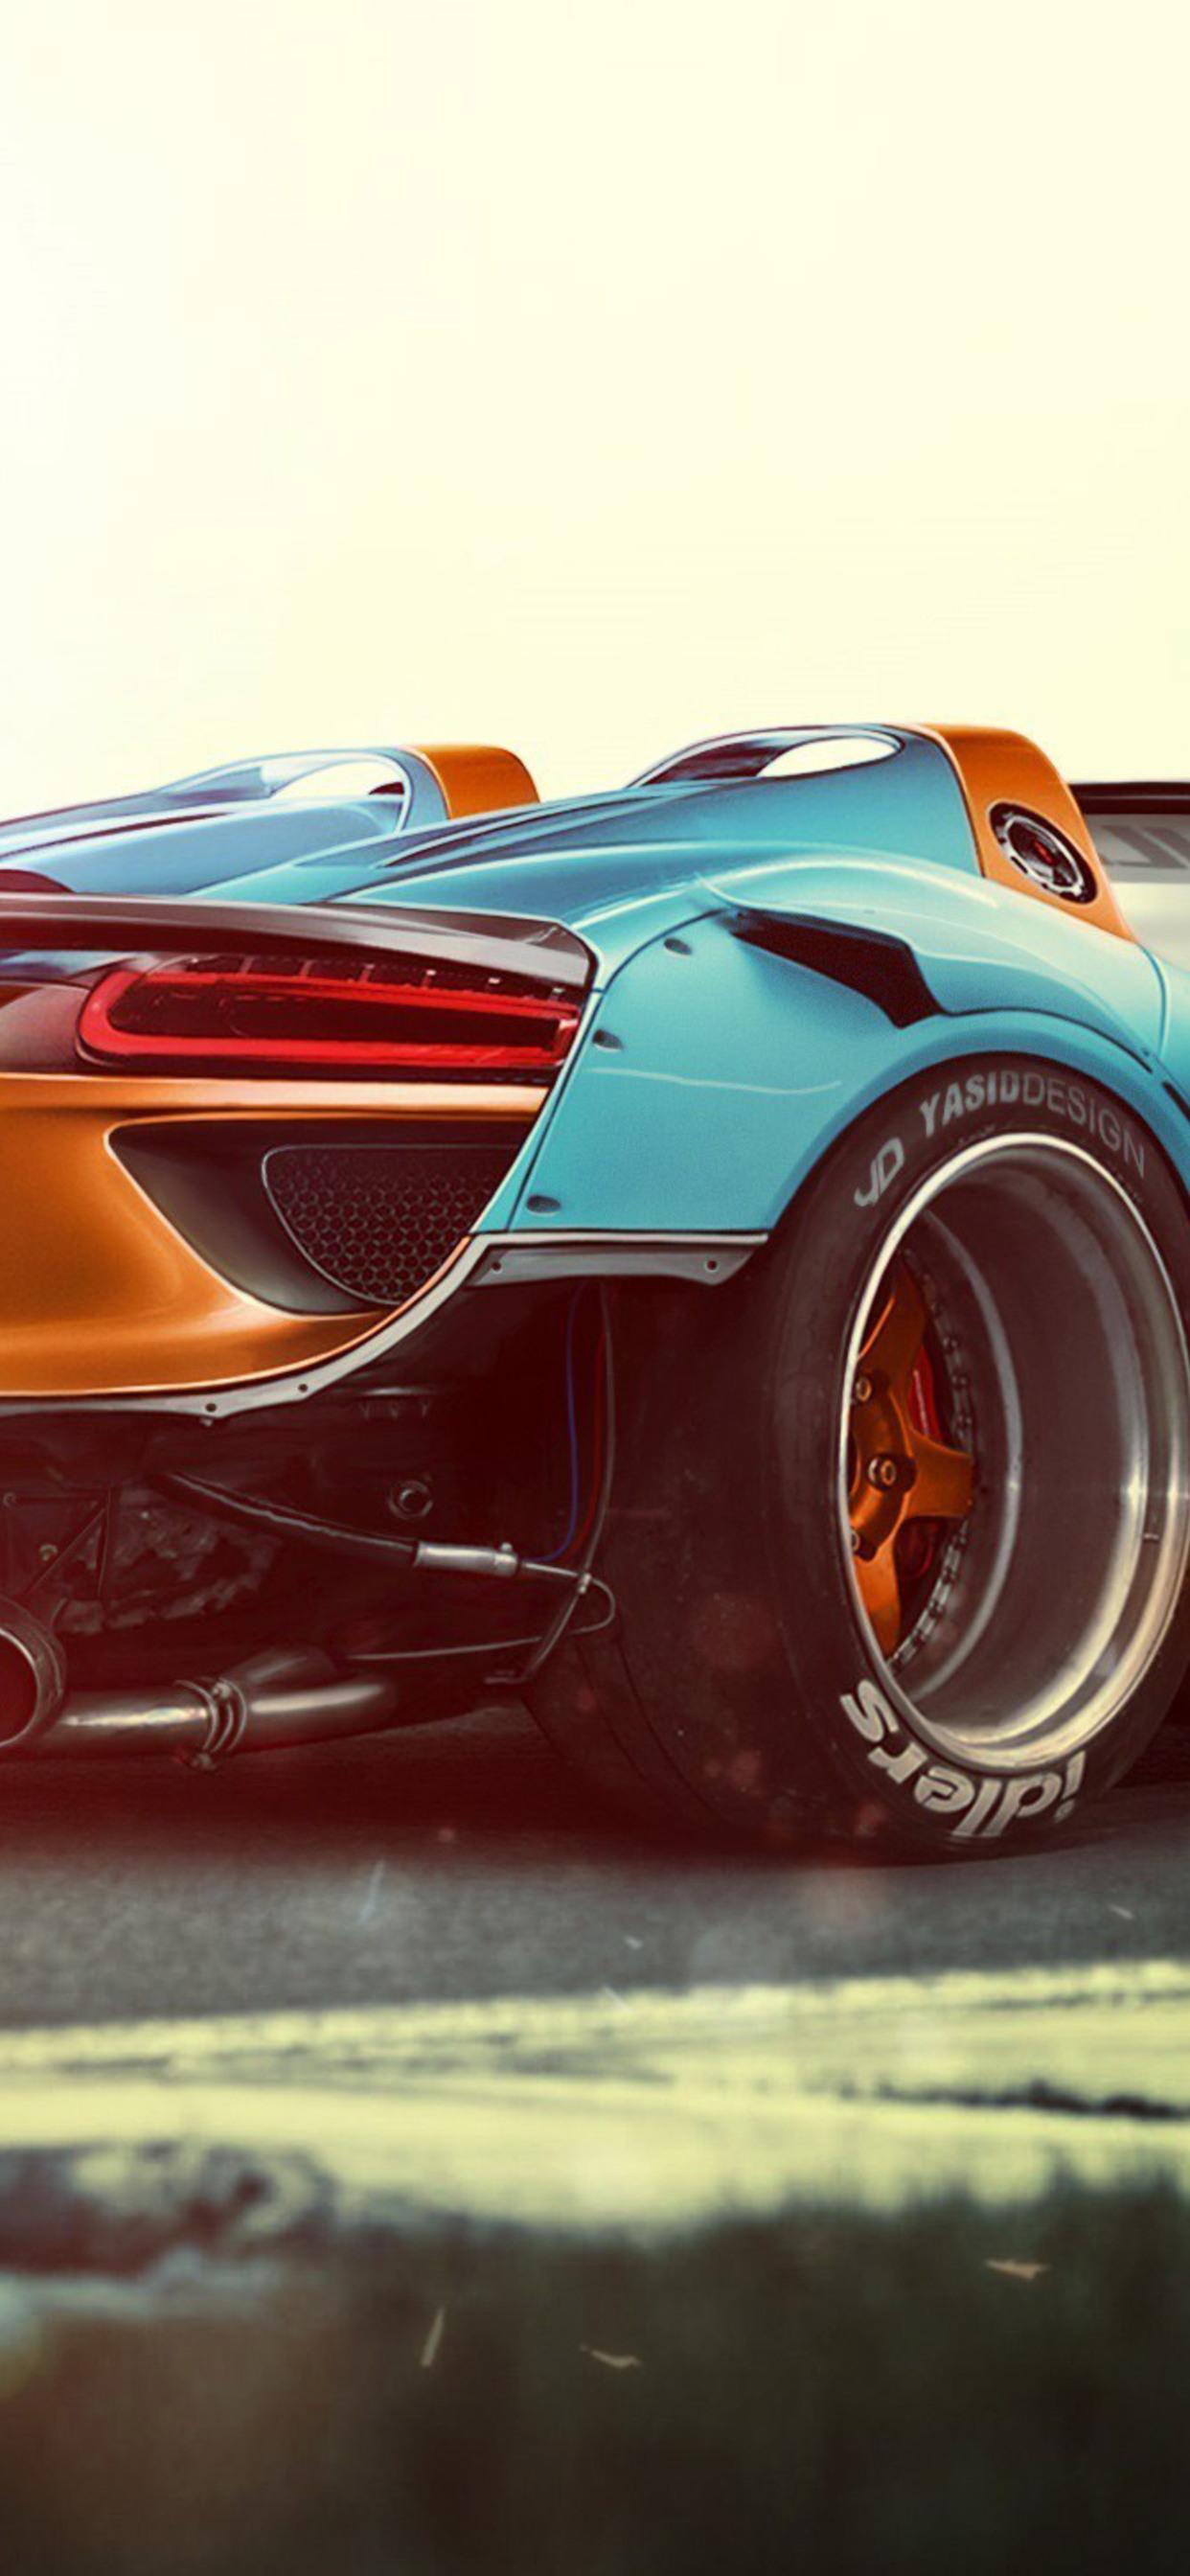 Top 100+ Porsche Wallpaper Iphone Xs Max - car wallpaper